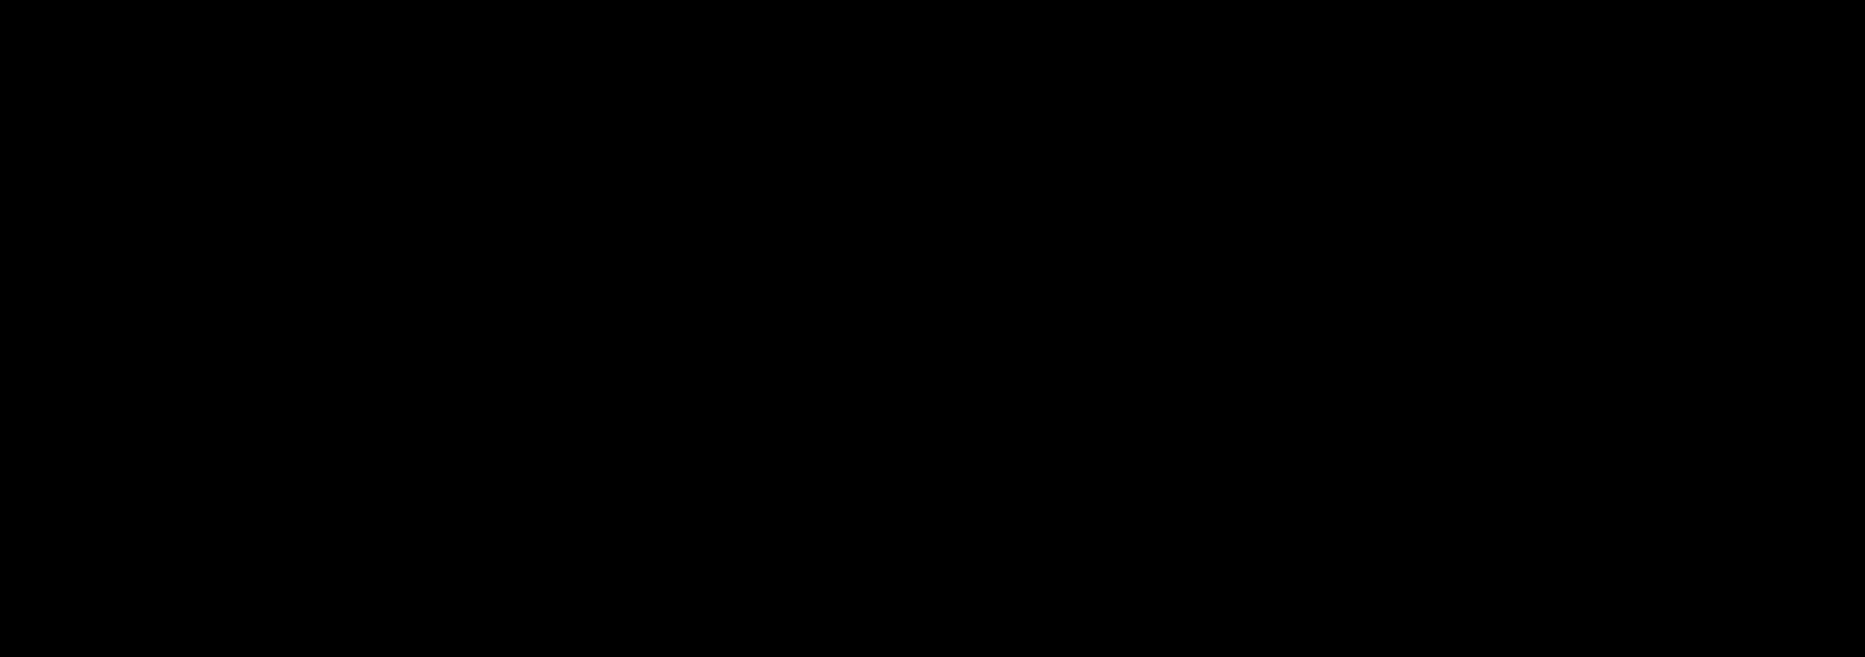 kreativtradgard-logo